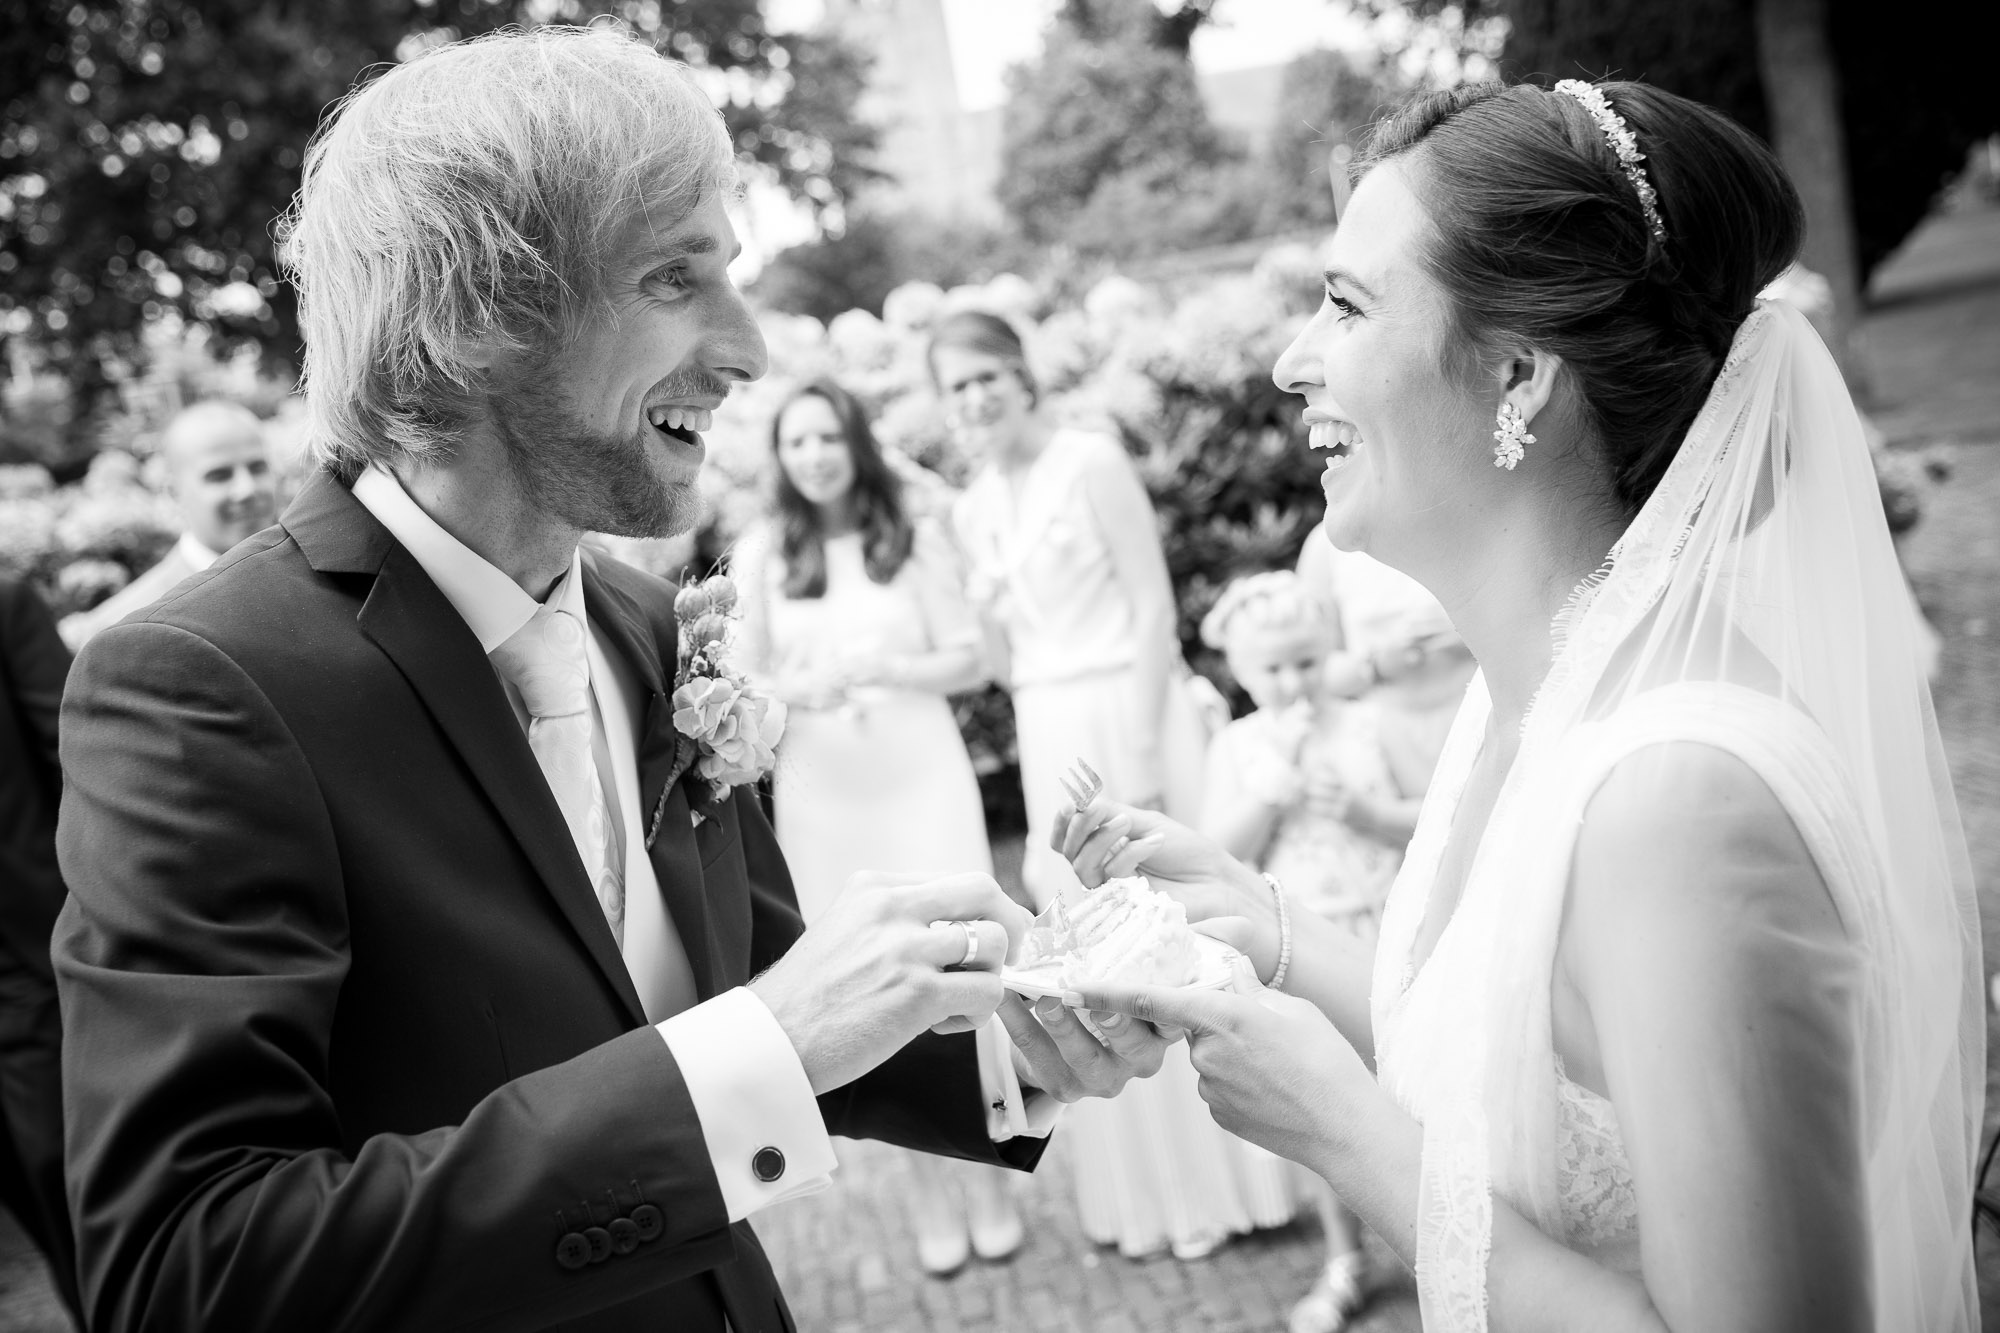 Weddings – Peter & Liesbeth